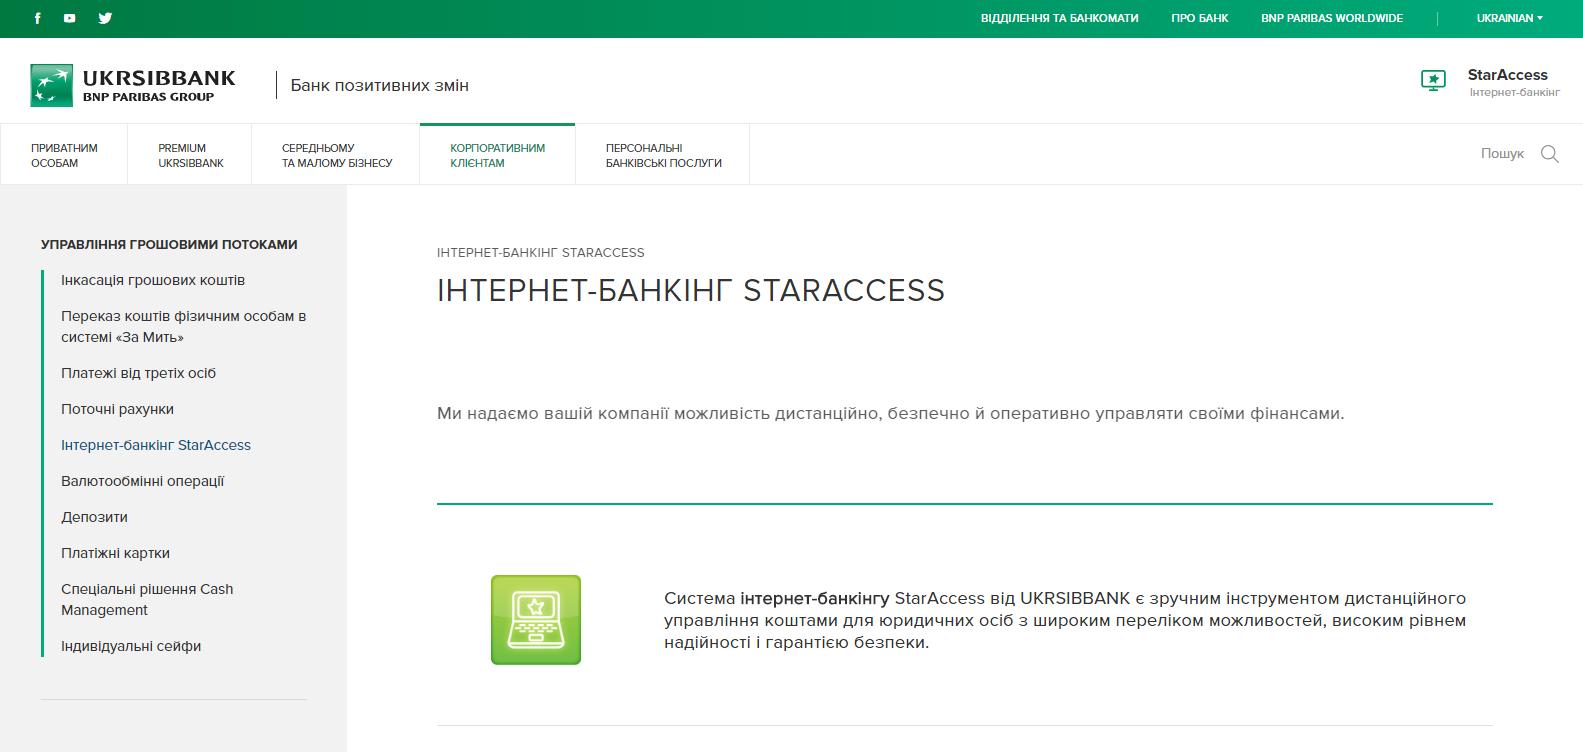 сбербанк официальный сайт москва адреса отделений